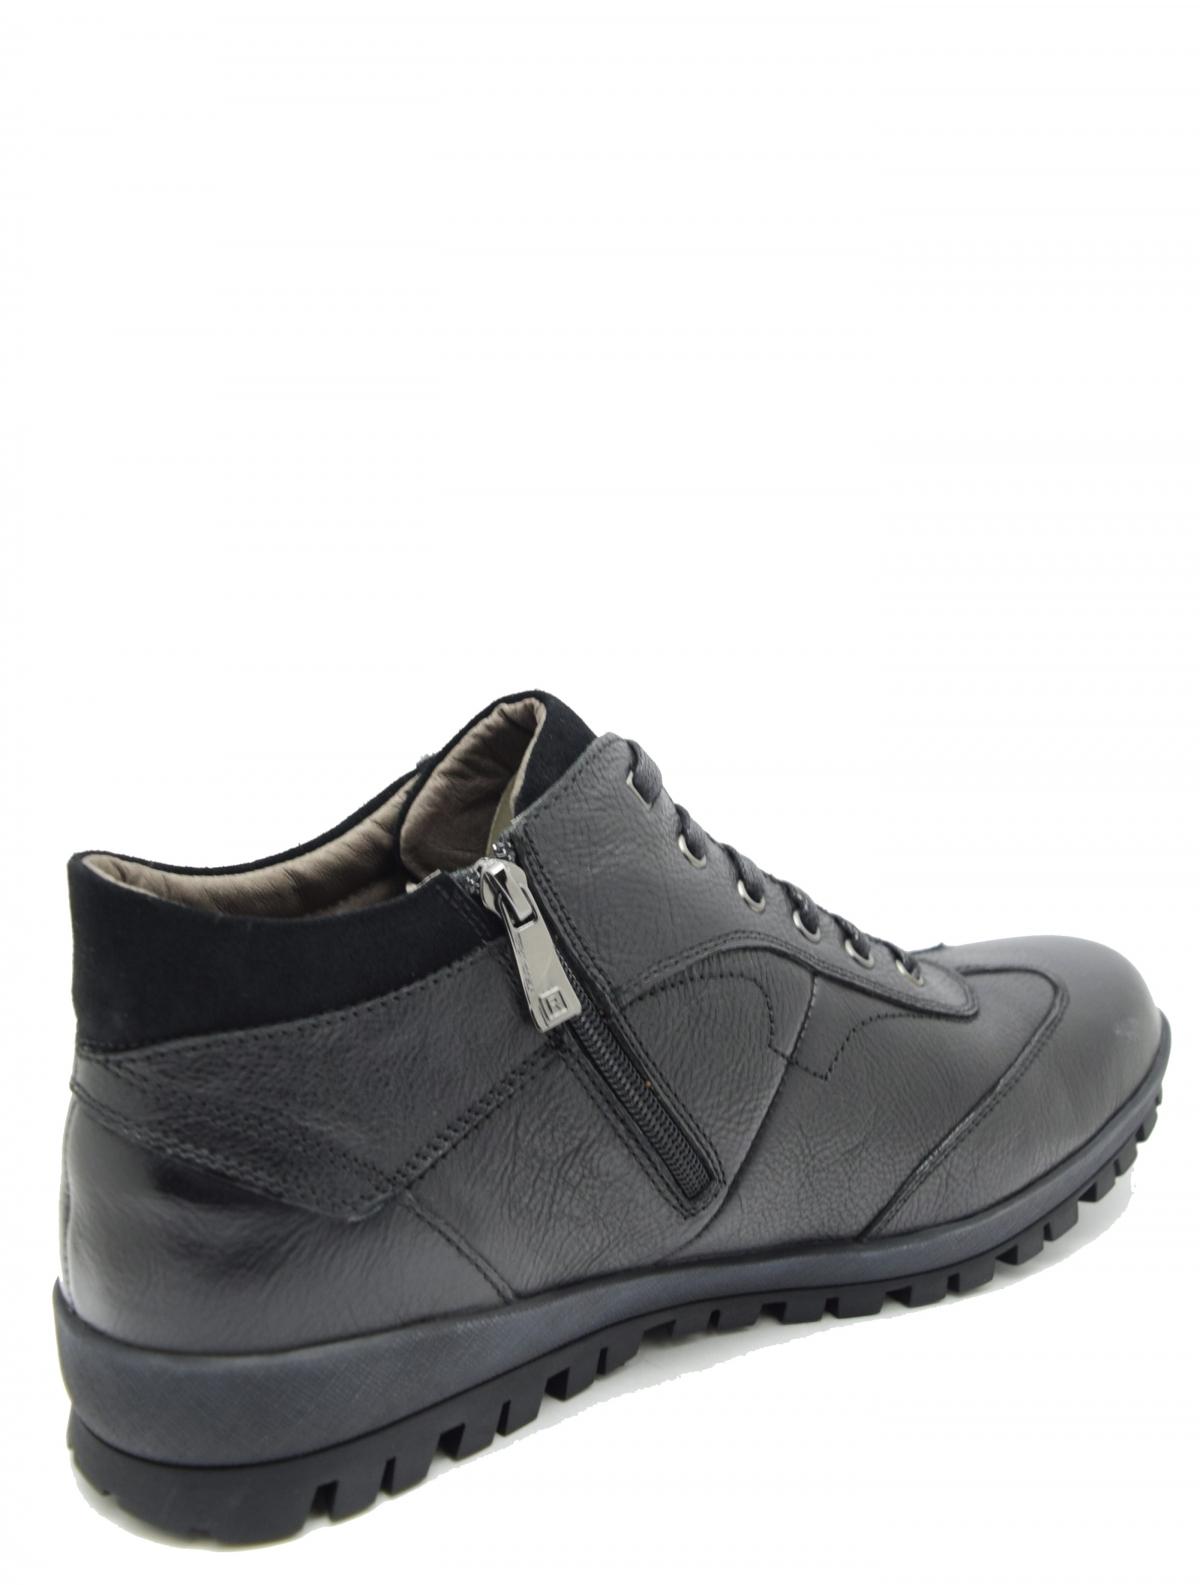 K22-079311 ботинки мужские